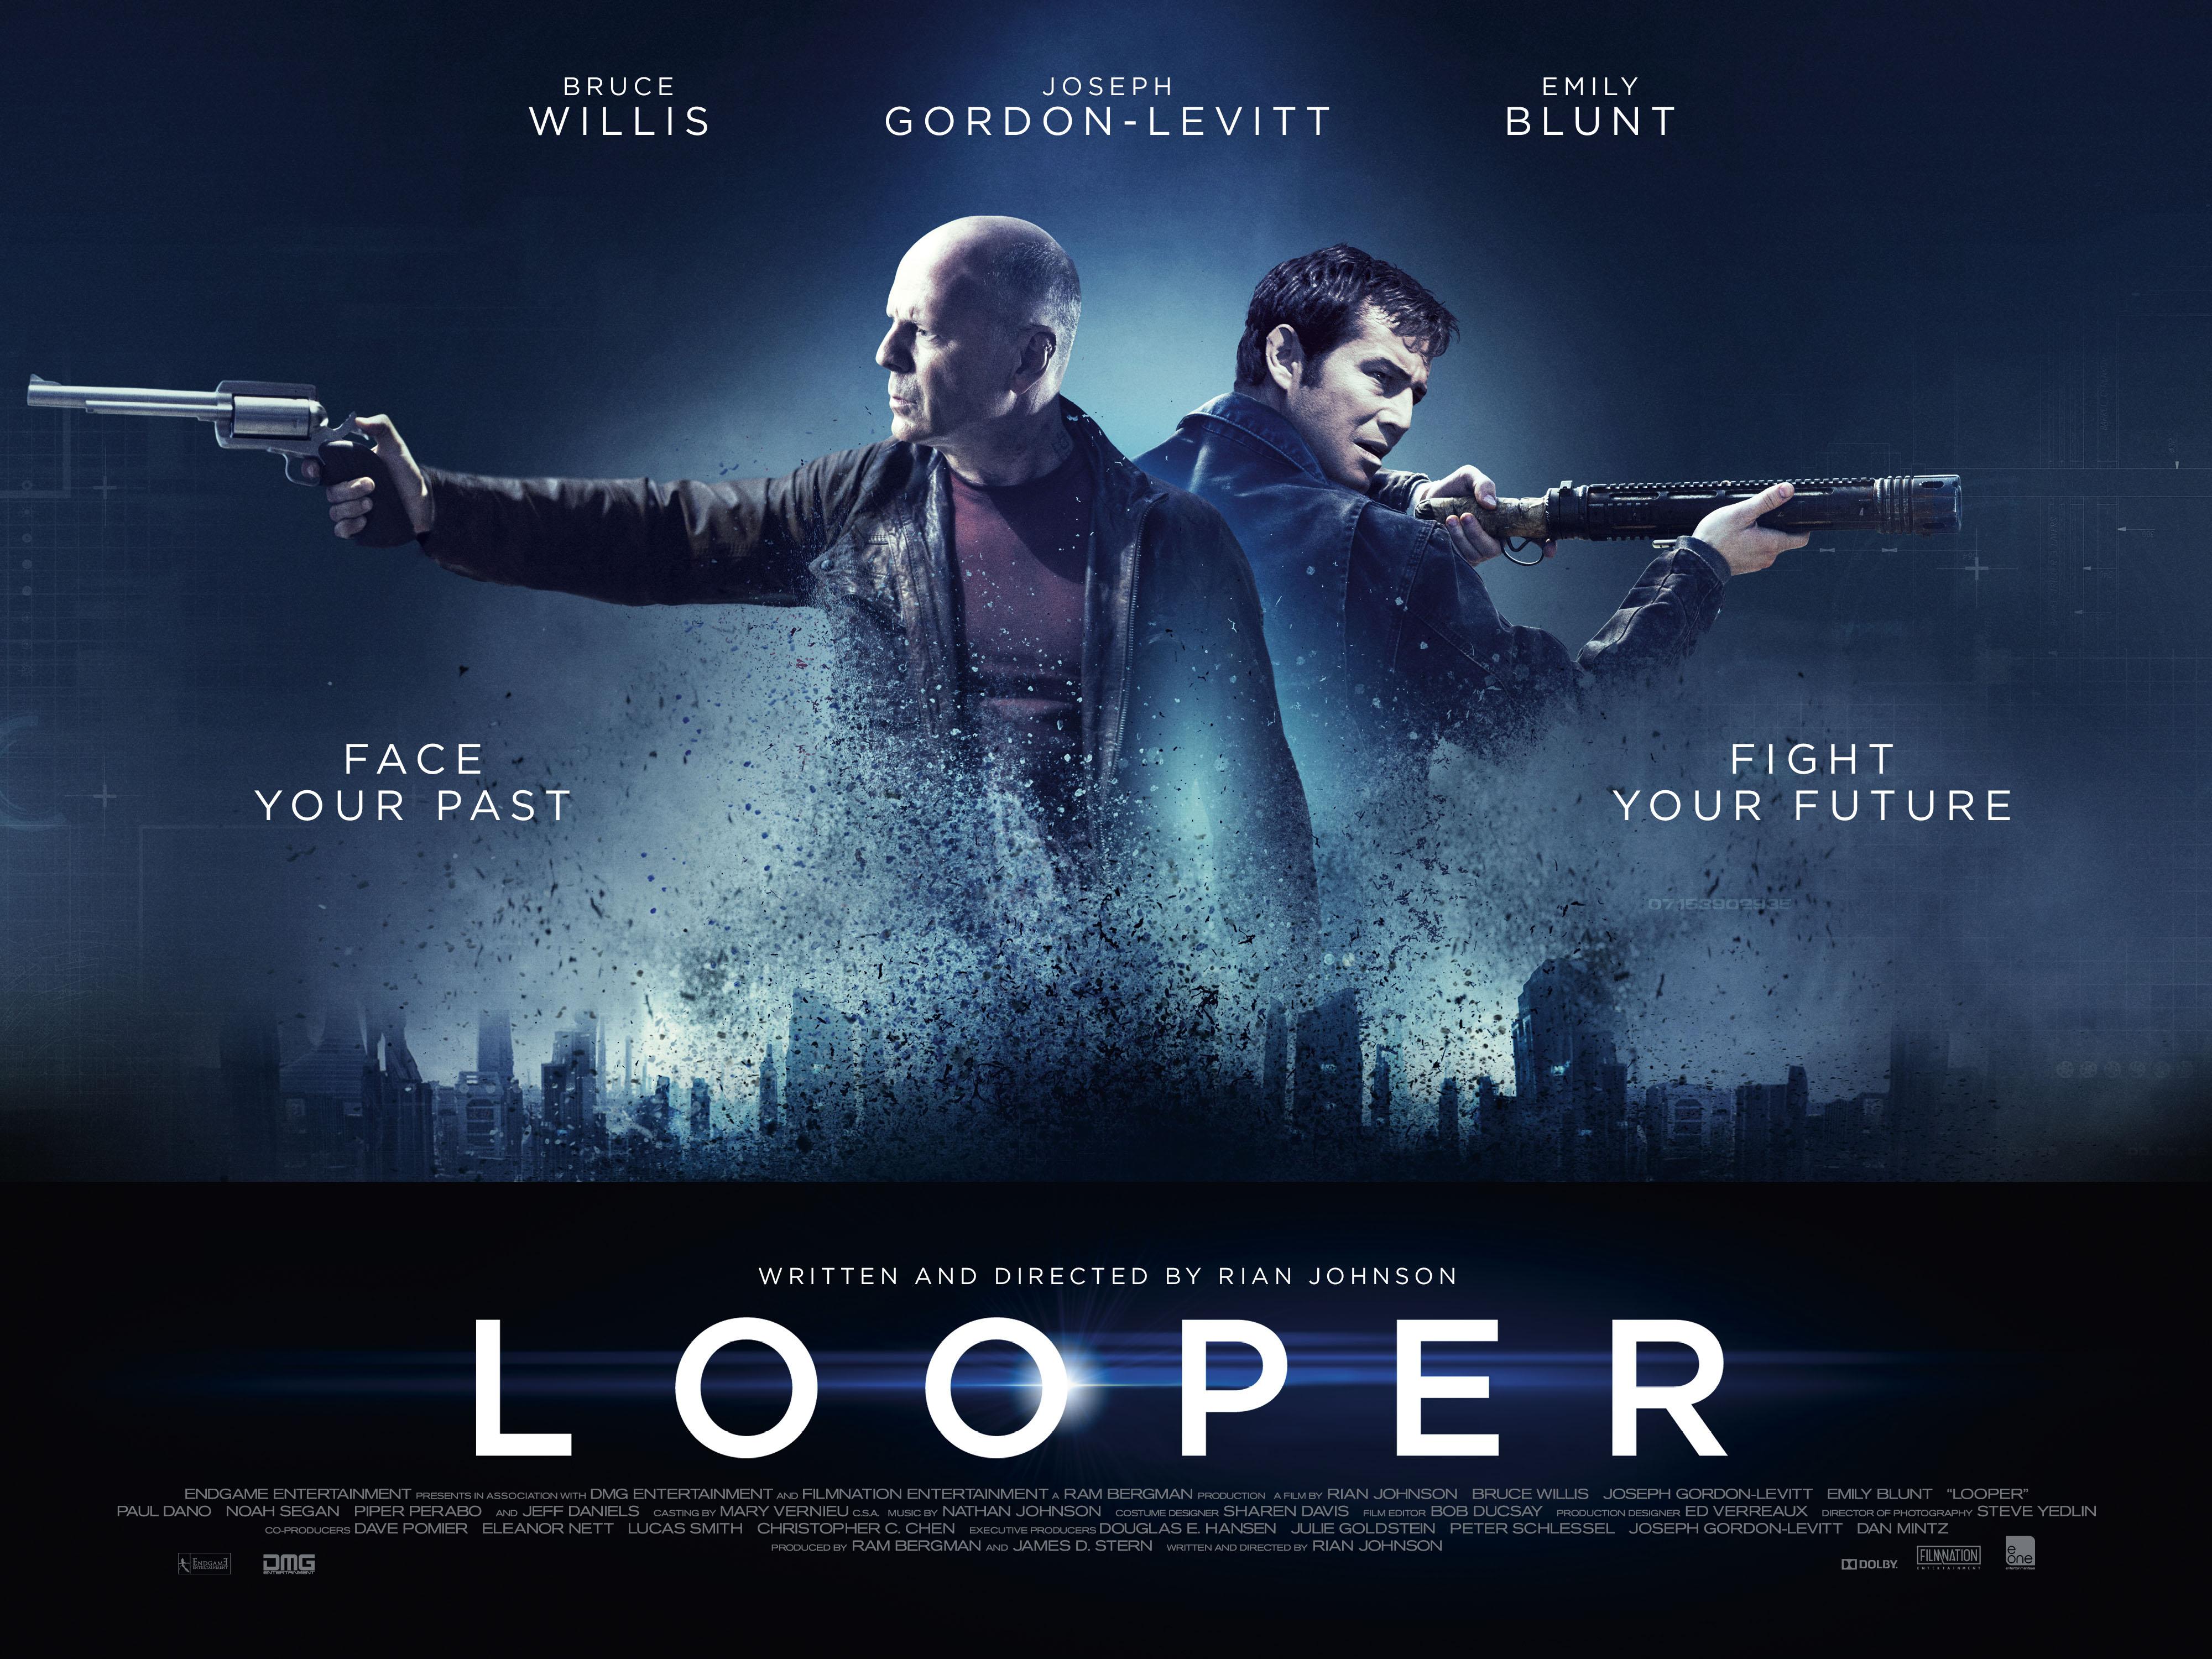 ¿Cúal es la última película que habeis visto? - Página 14 Main_quad_aw__23524__looper